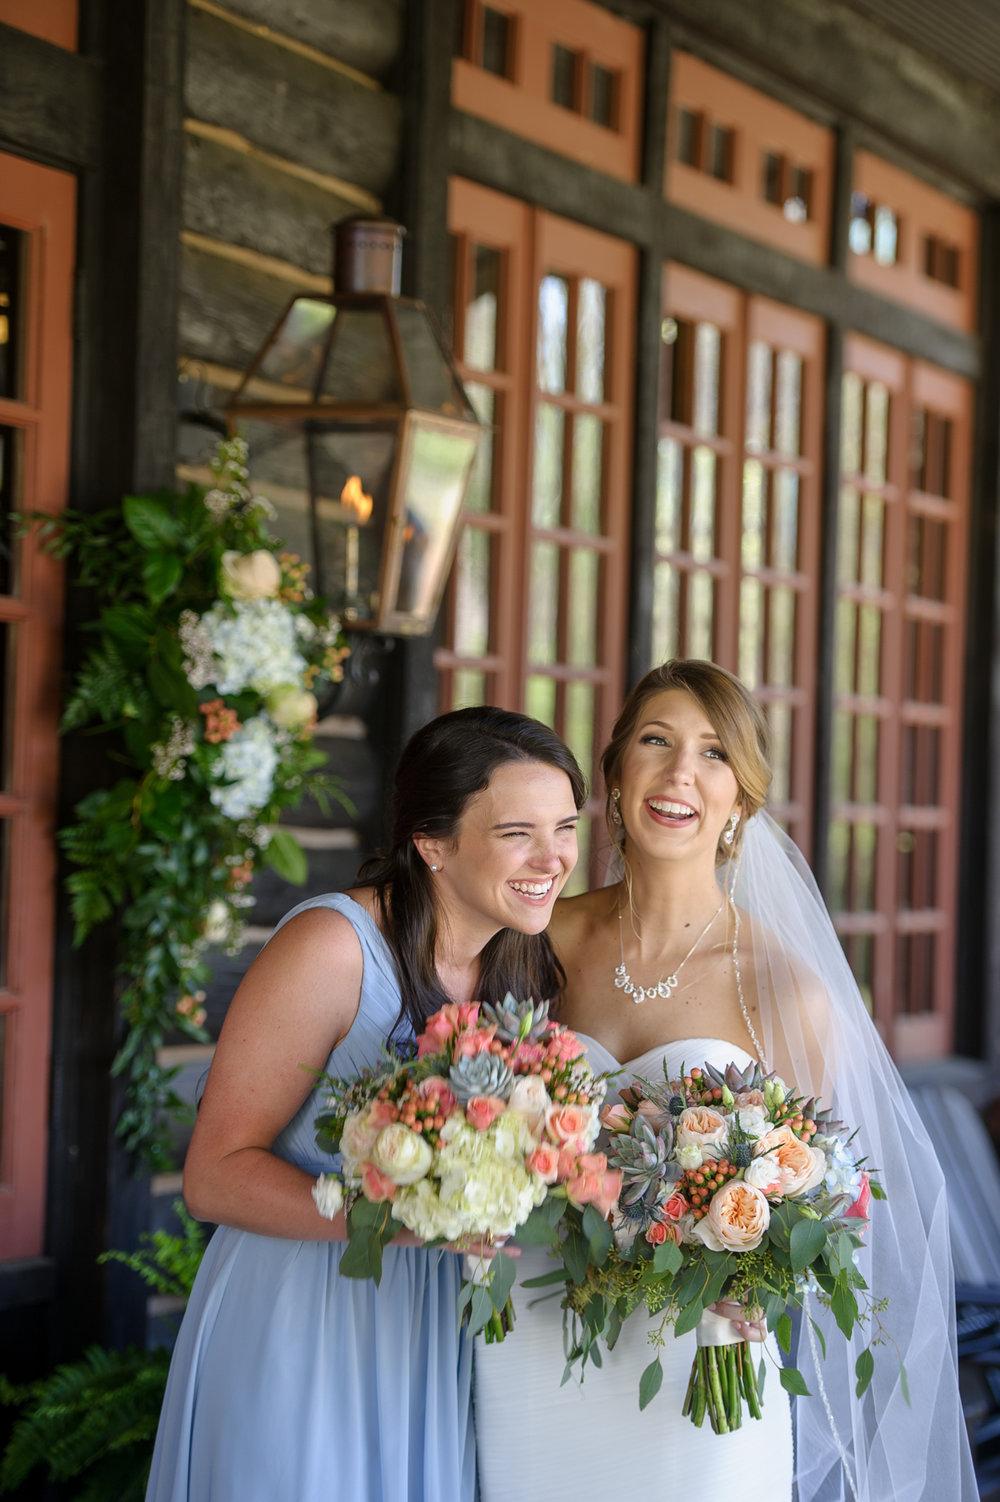 OUTDOOR WEDDING PARTY-2.JPG